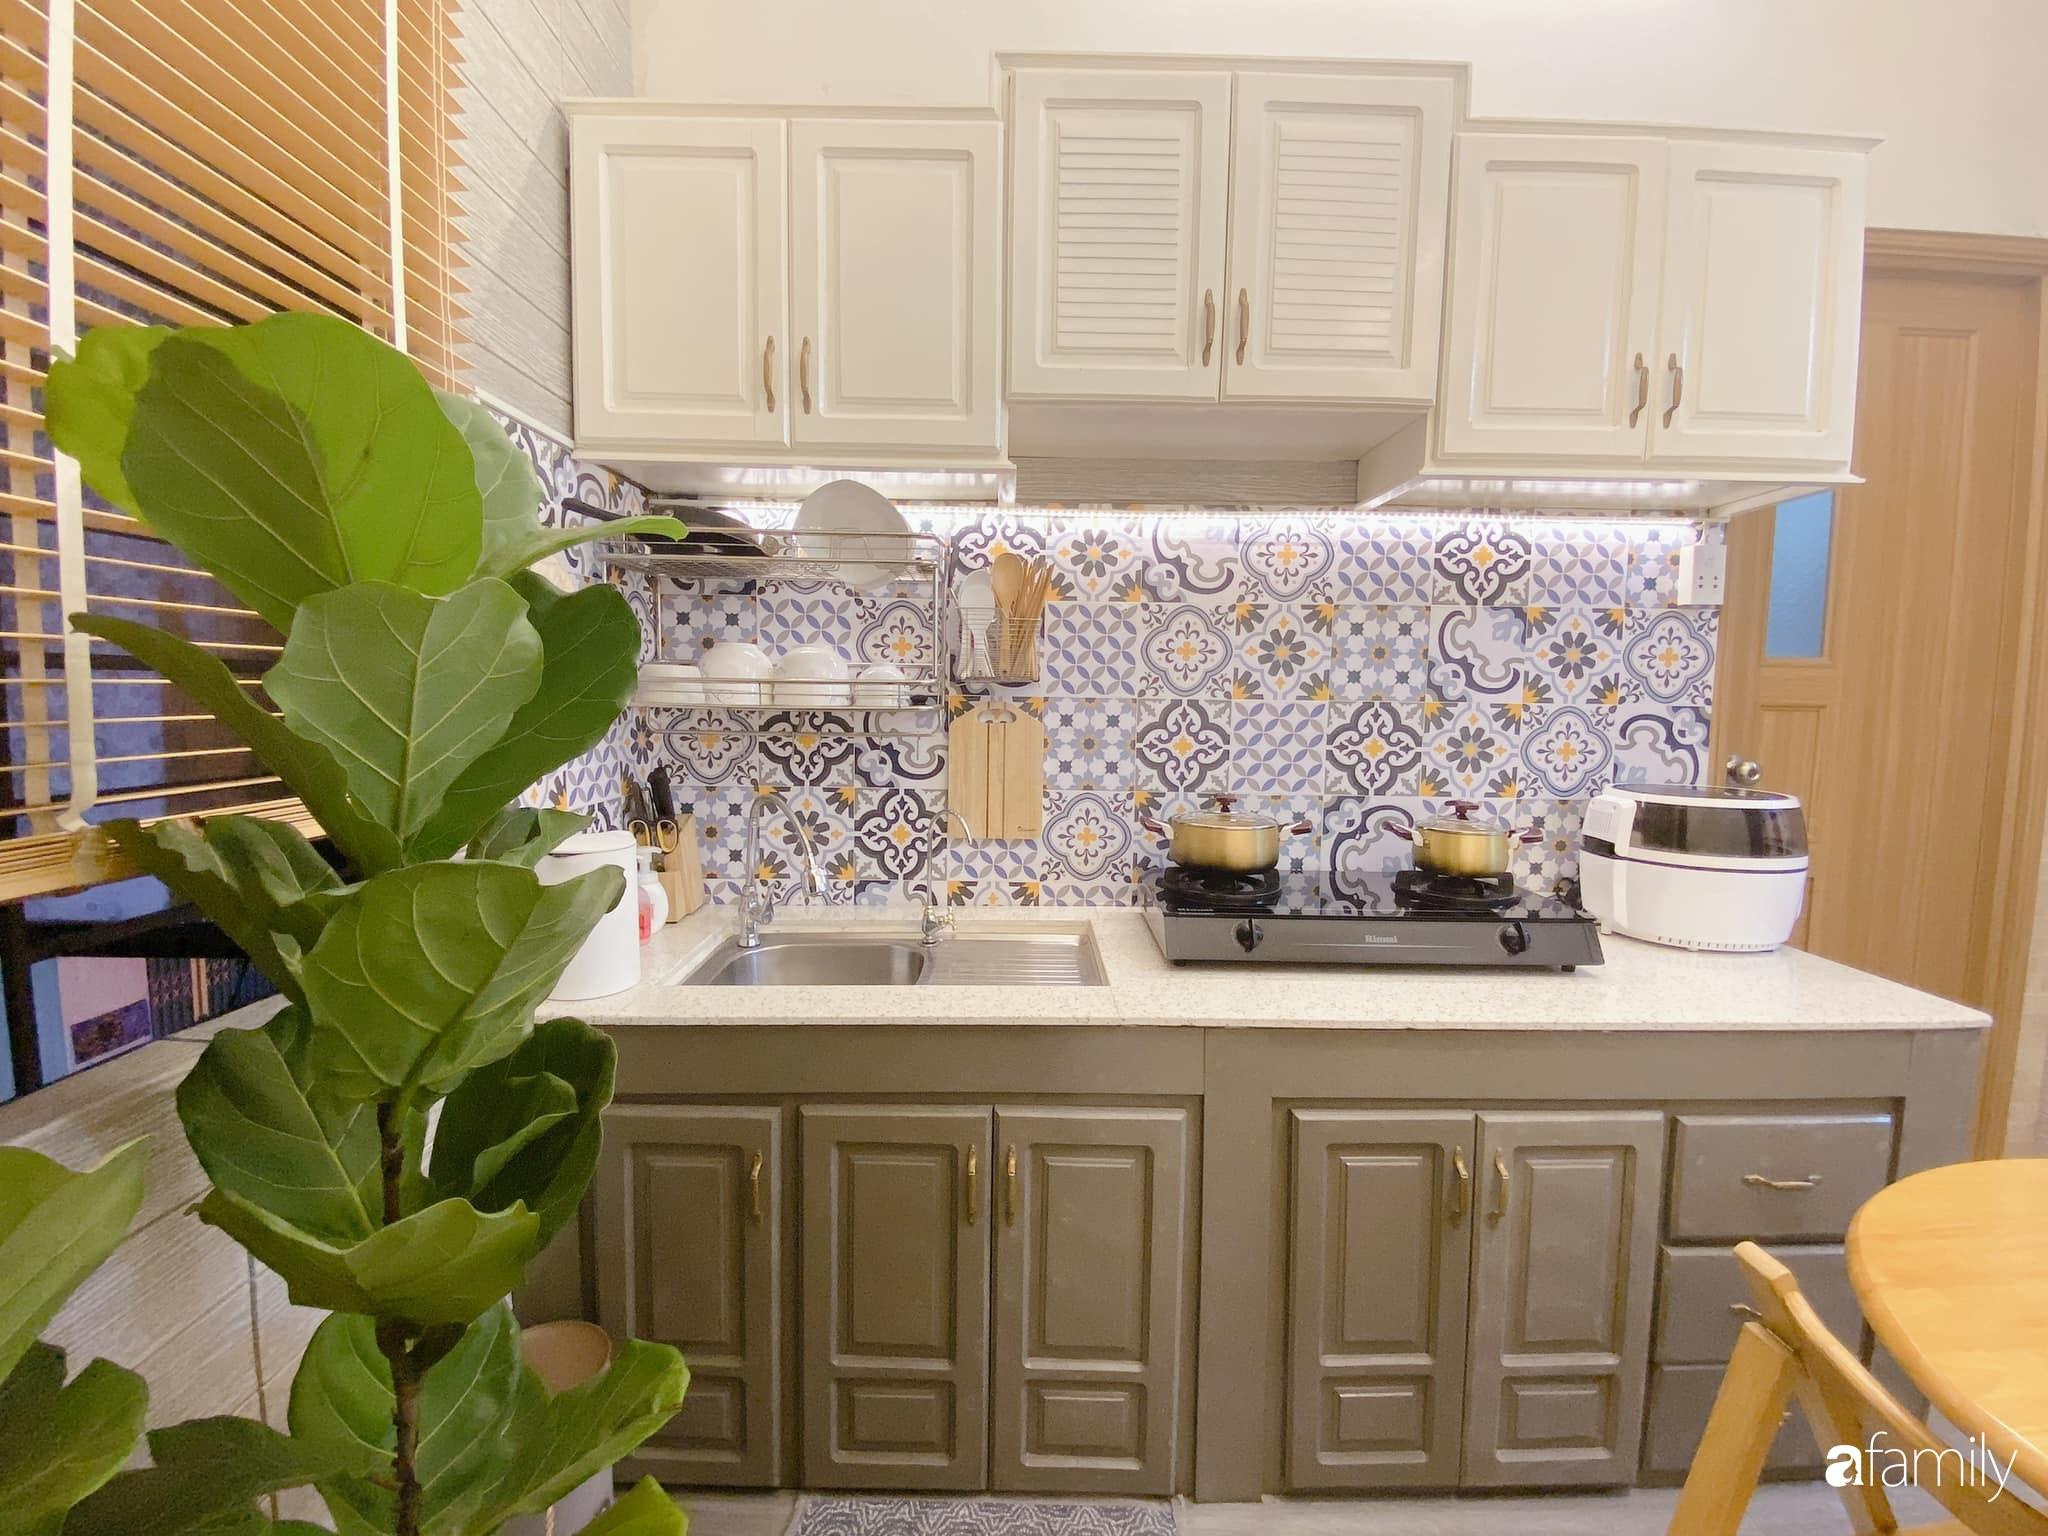 """Anh chồng chiều vợ """"thay áo mới"""" cho căn bếp cũ 6m² trở thành không gian đẹp miễn chê với chi phí chưa đến 3 triệu đồng ở Đà Nẵng - Ảnh 2."""